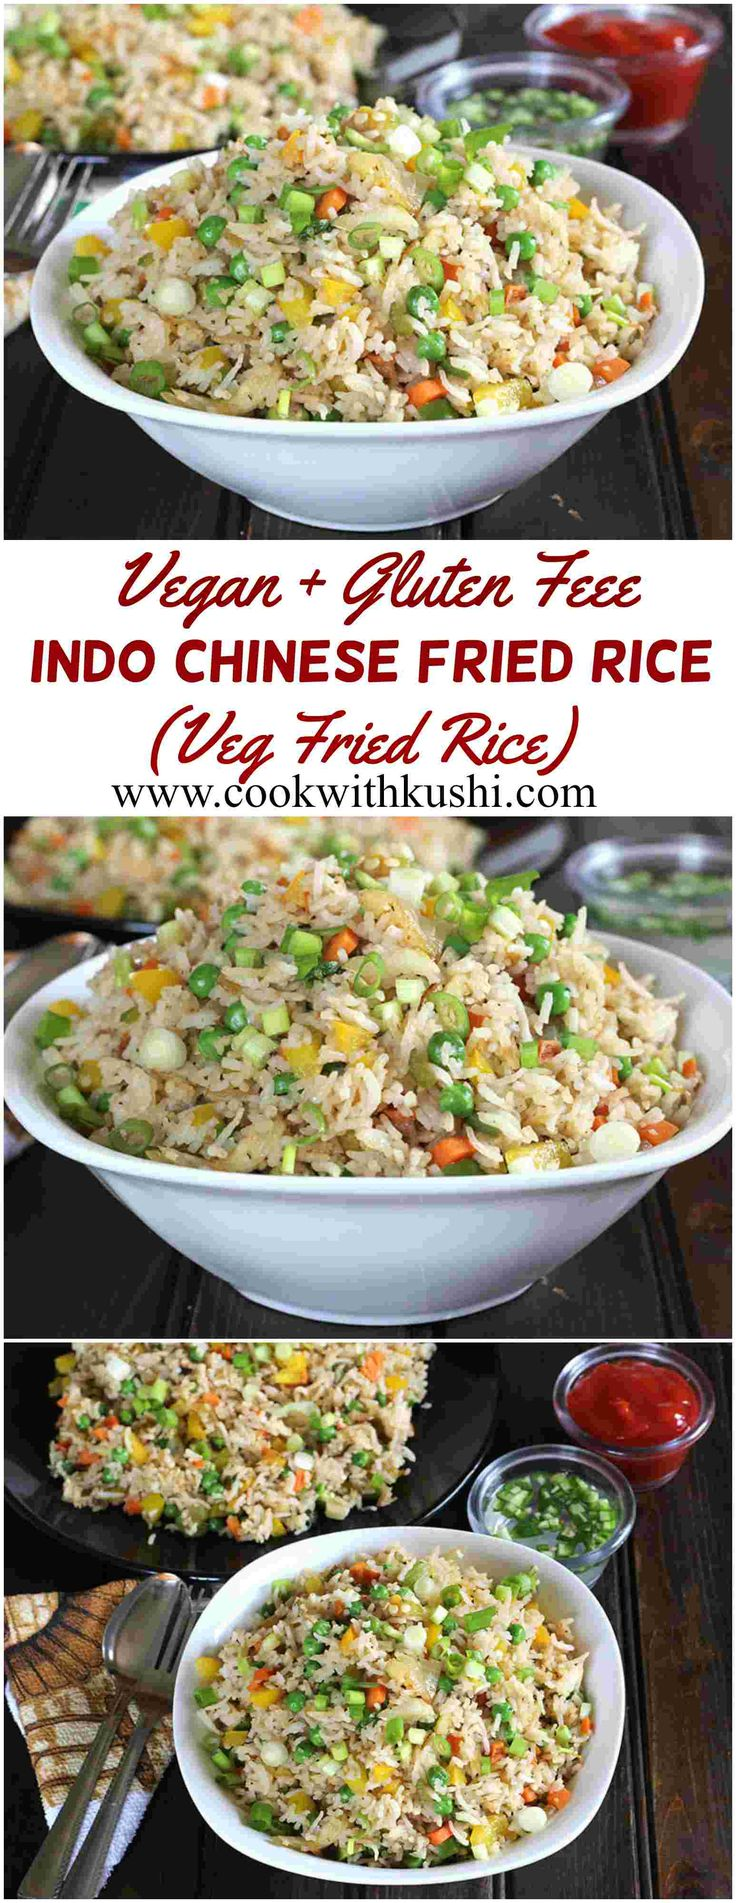 Indo Chinese Fried Rice / Veg Gebratener Reis